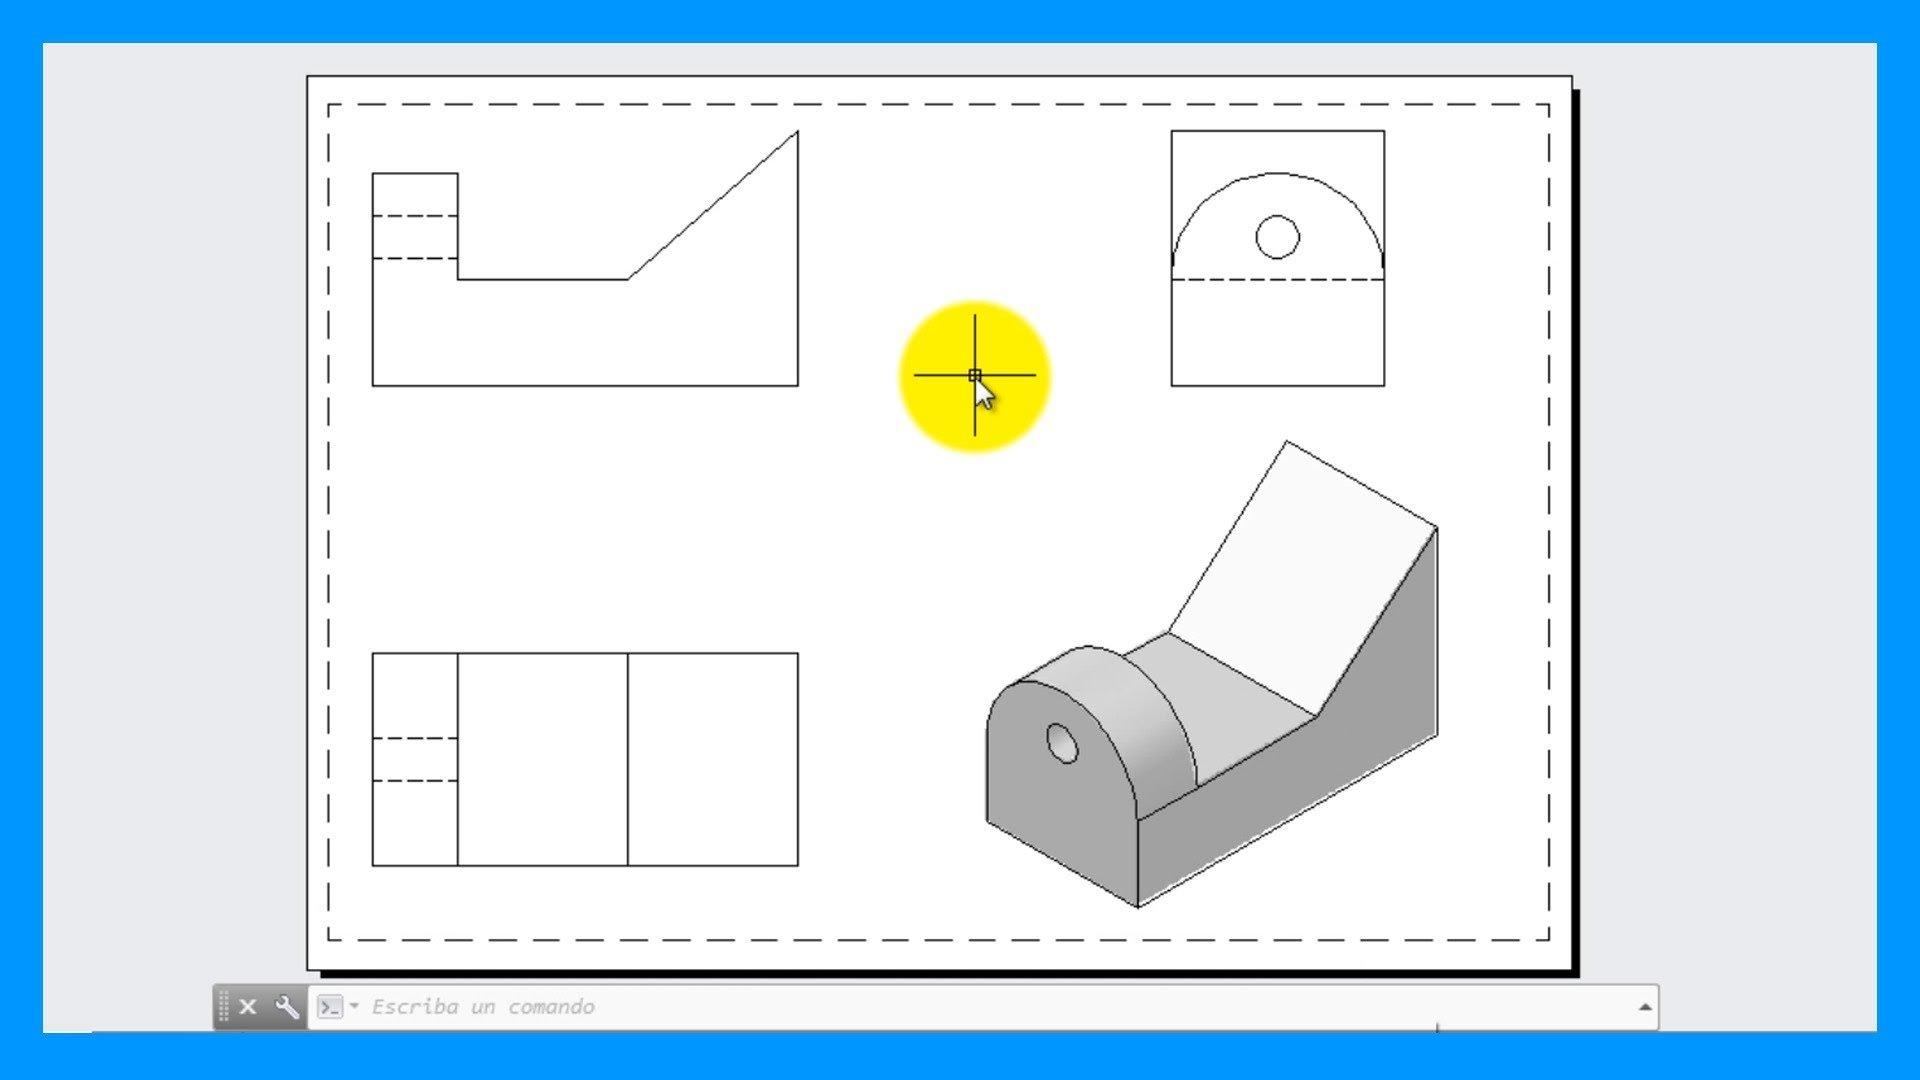 Autocad – Crear vistas a partir de una pieza o modelo 3D. Vistas 2D desde 3D.